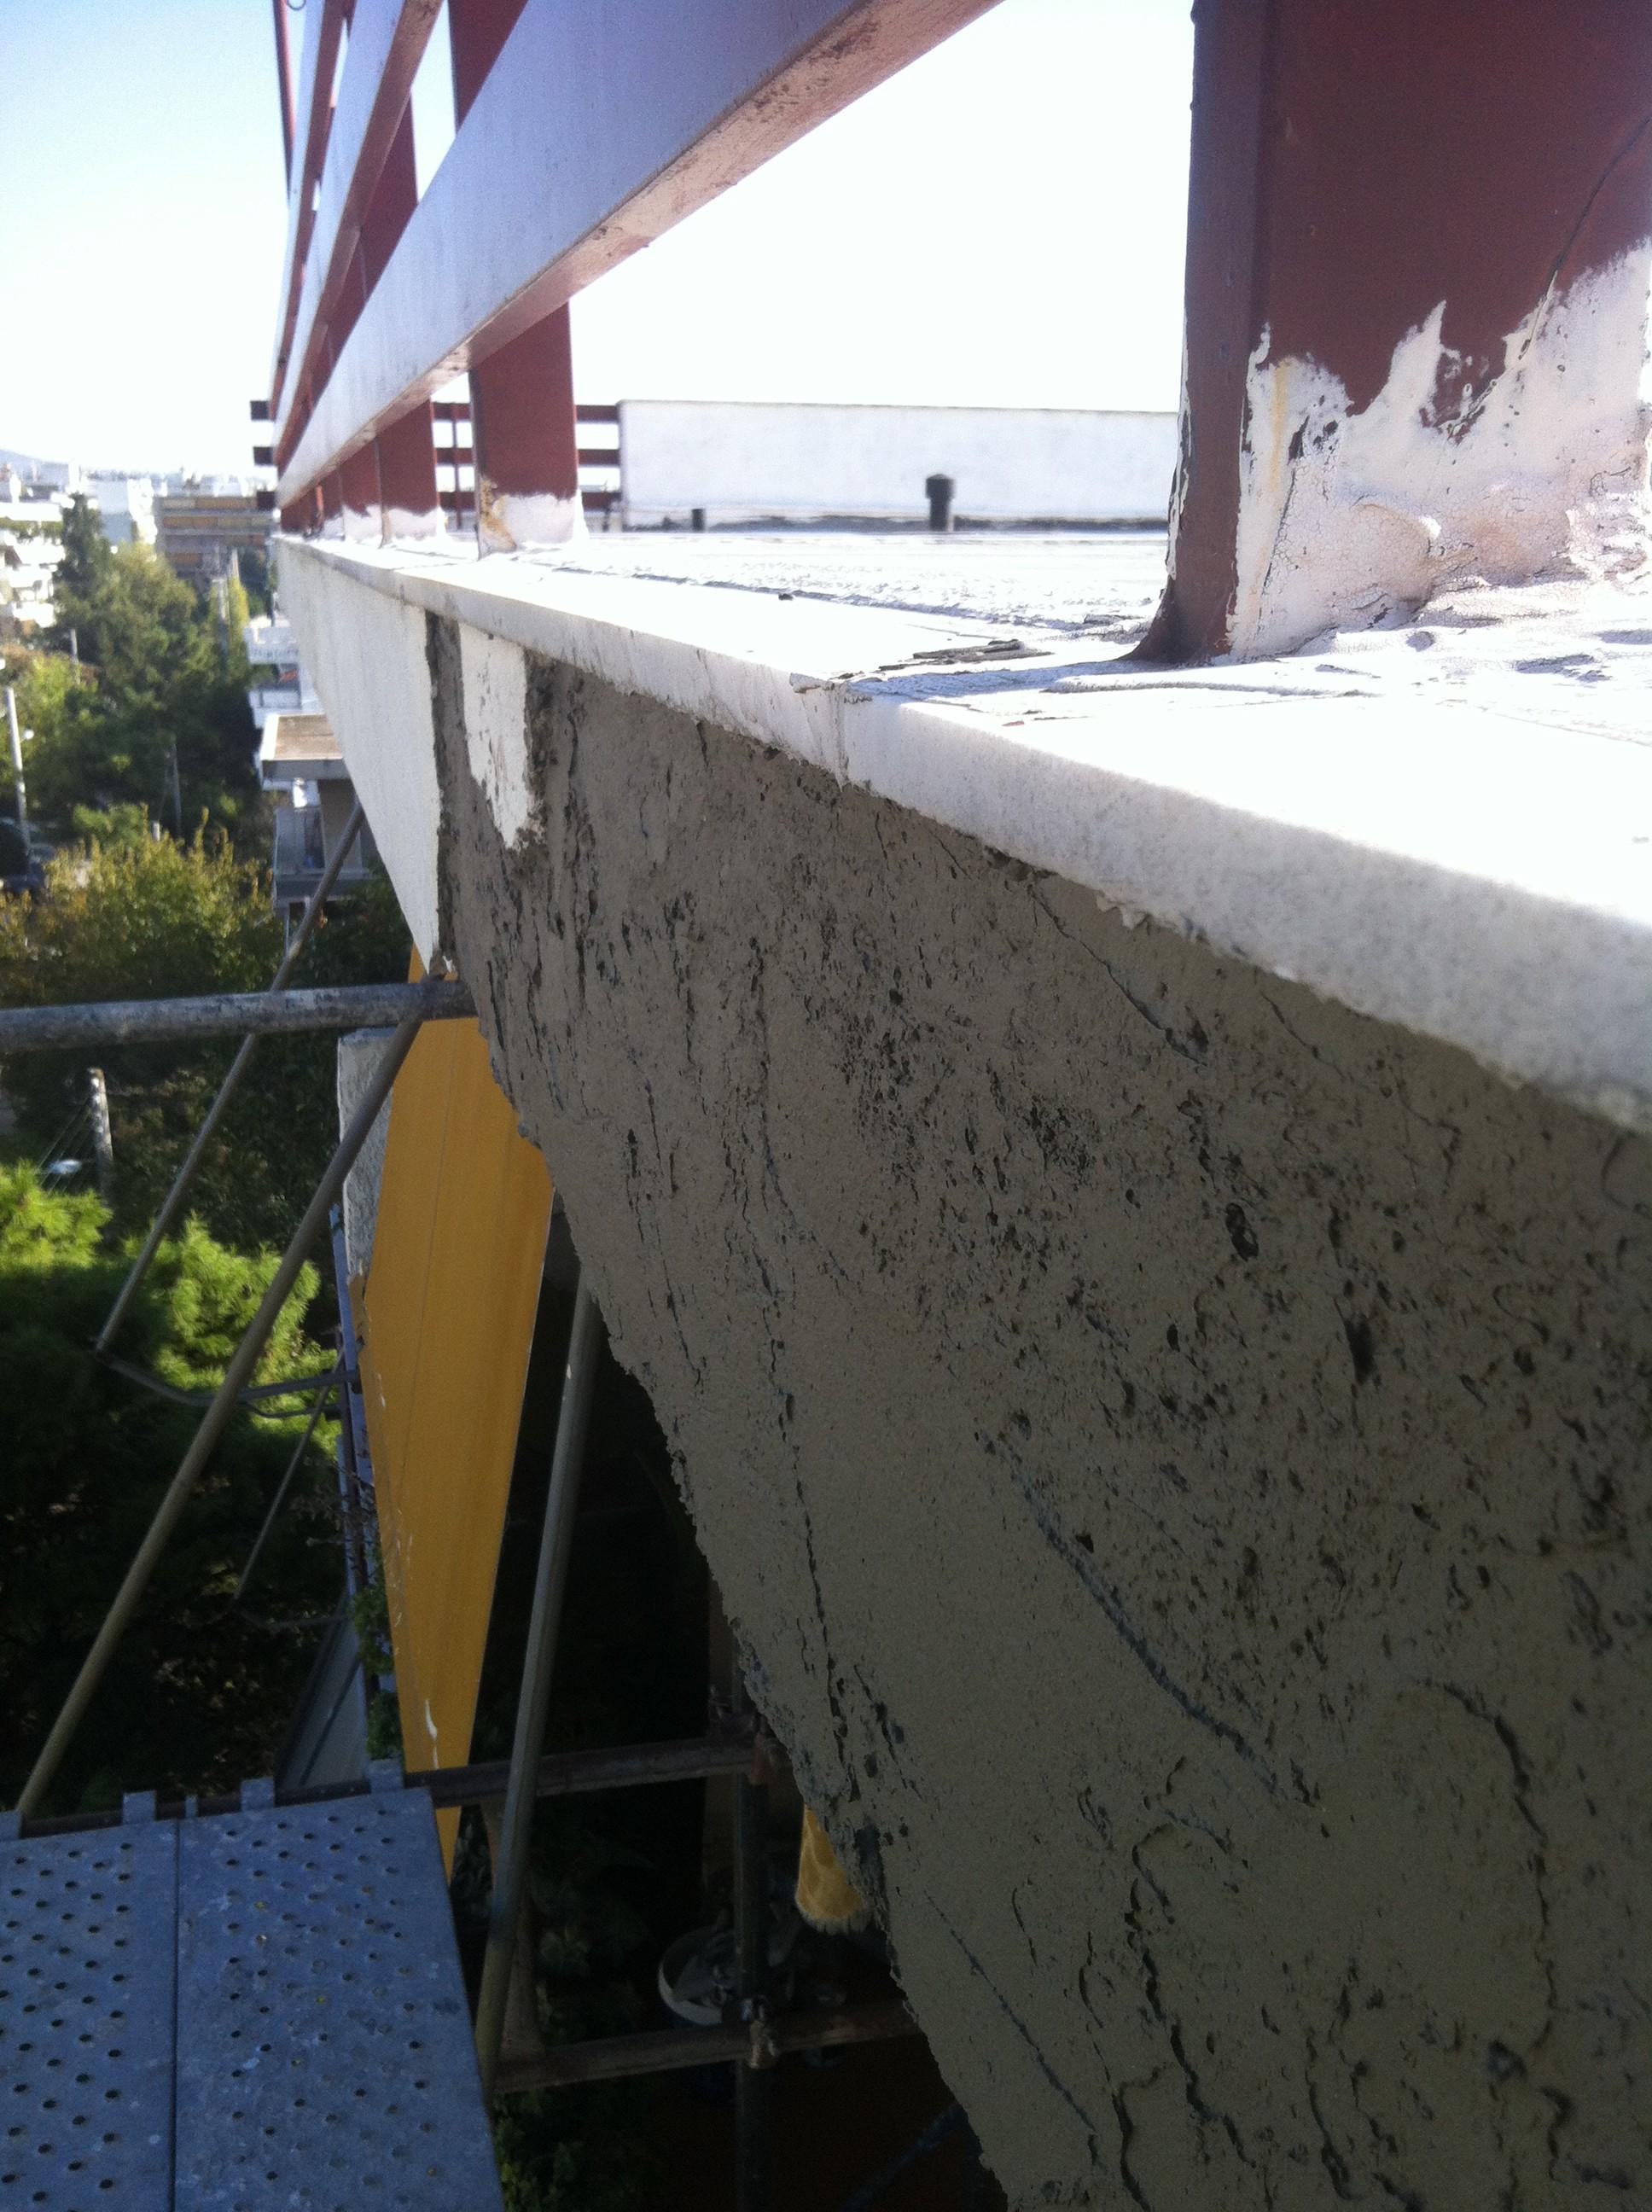 Αποκατάσταση επιχρισμάτων στον 5ο όροφο πολυκατοικίας στο Μαρούσι -1